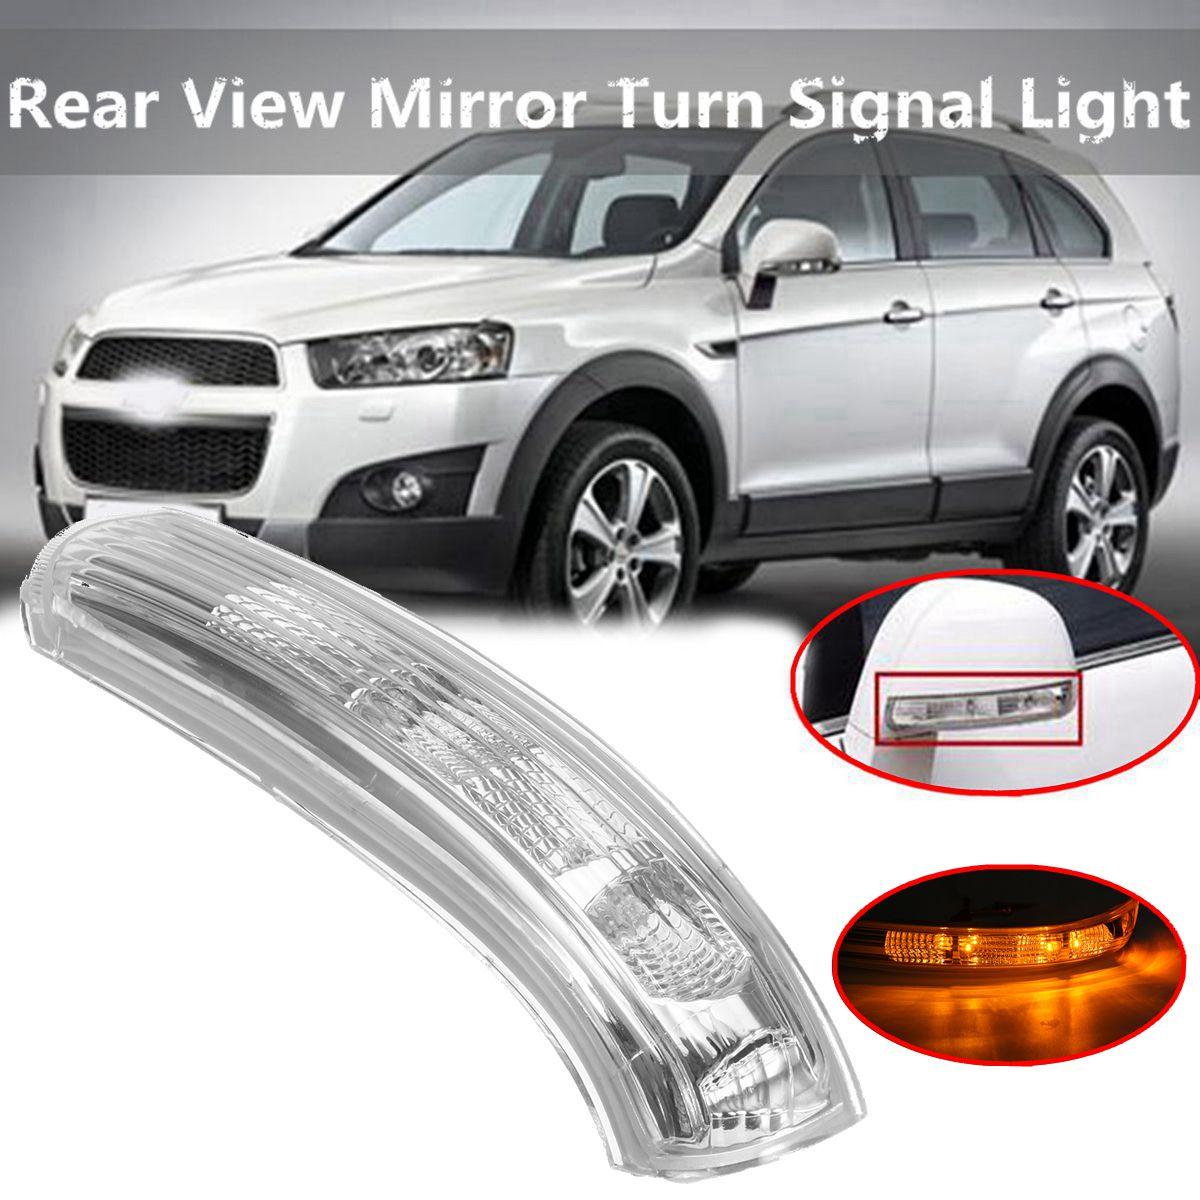 Espelho Retrovisor do carro Vez a Luz Do Sinal para a Esquerda/Direita Espelhos Retrovisores Lâmpada Para Chevrolet Captiva/2007-2016